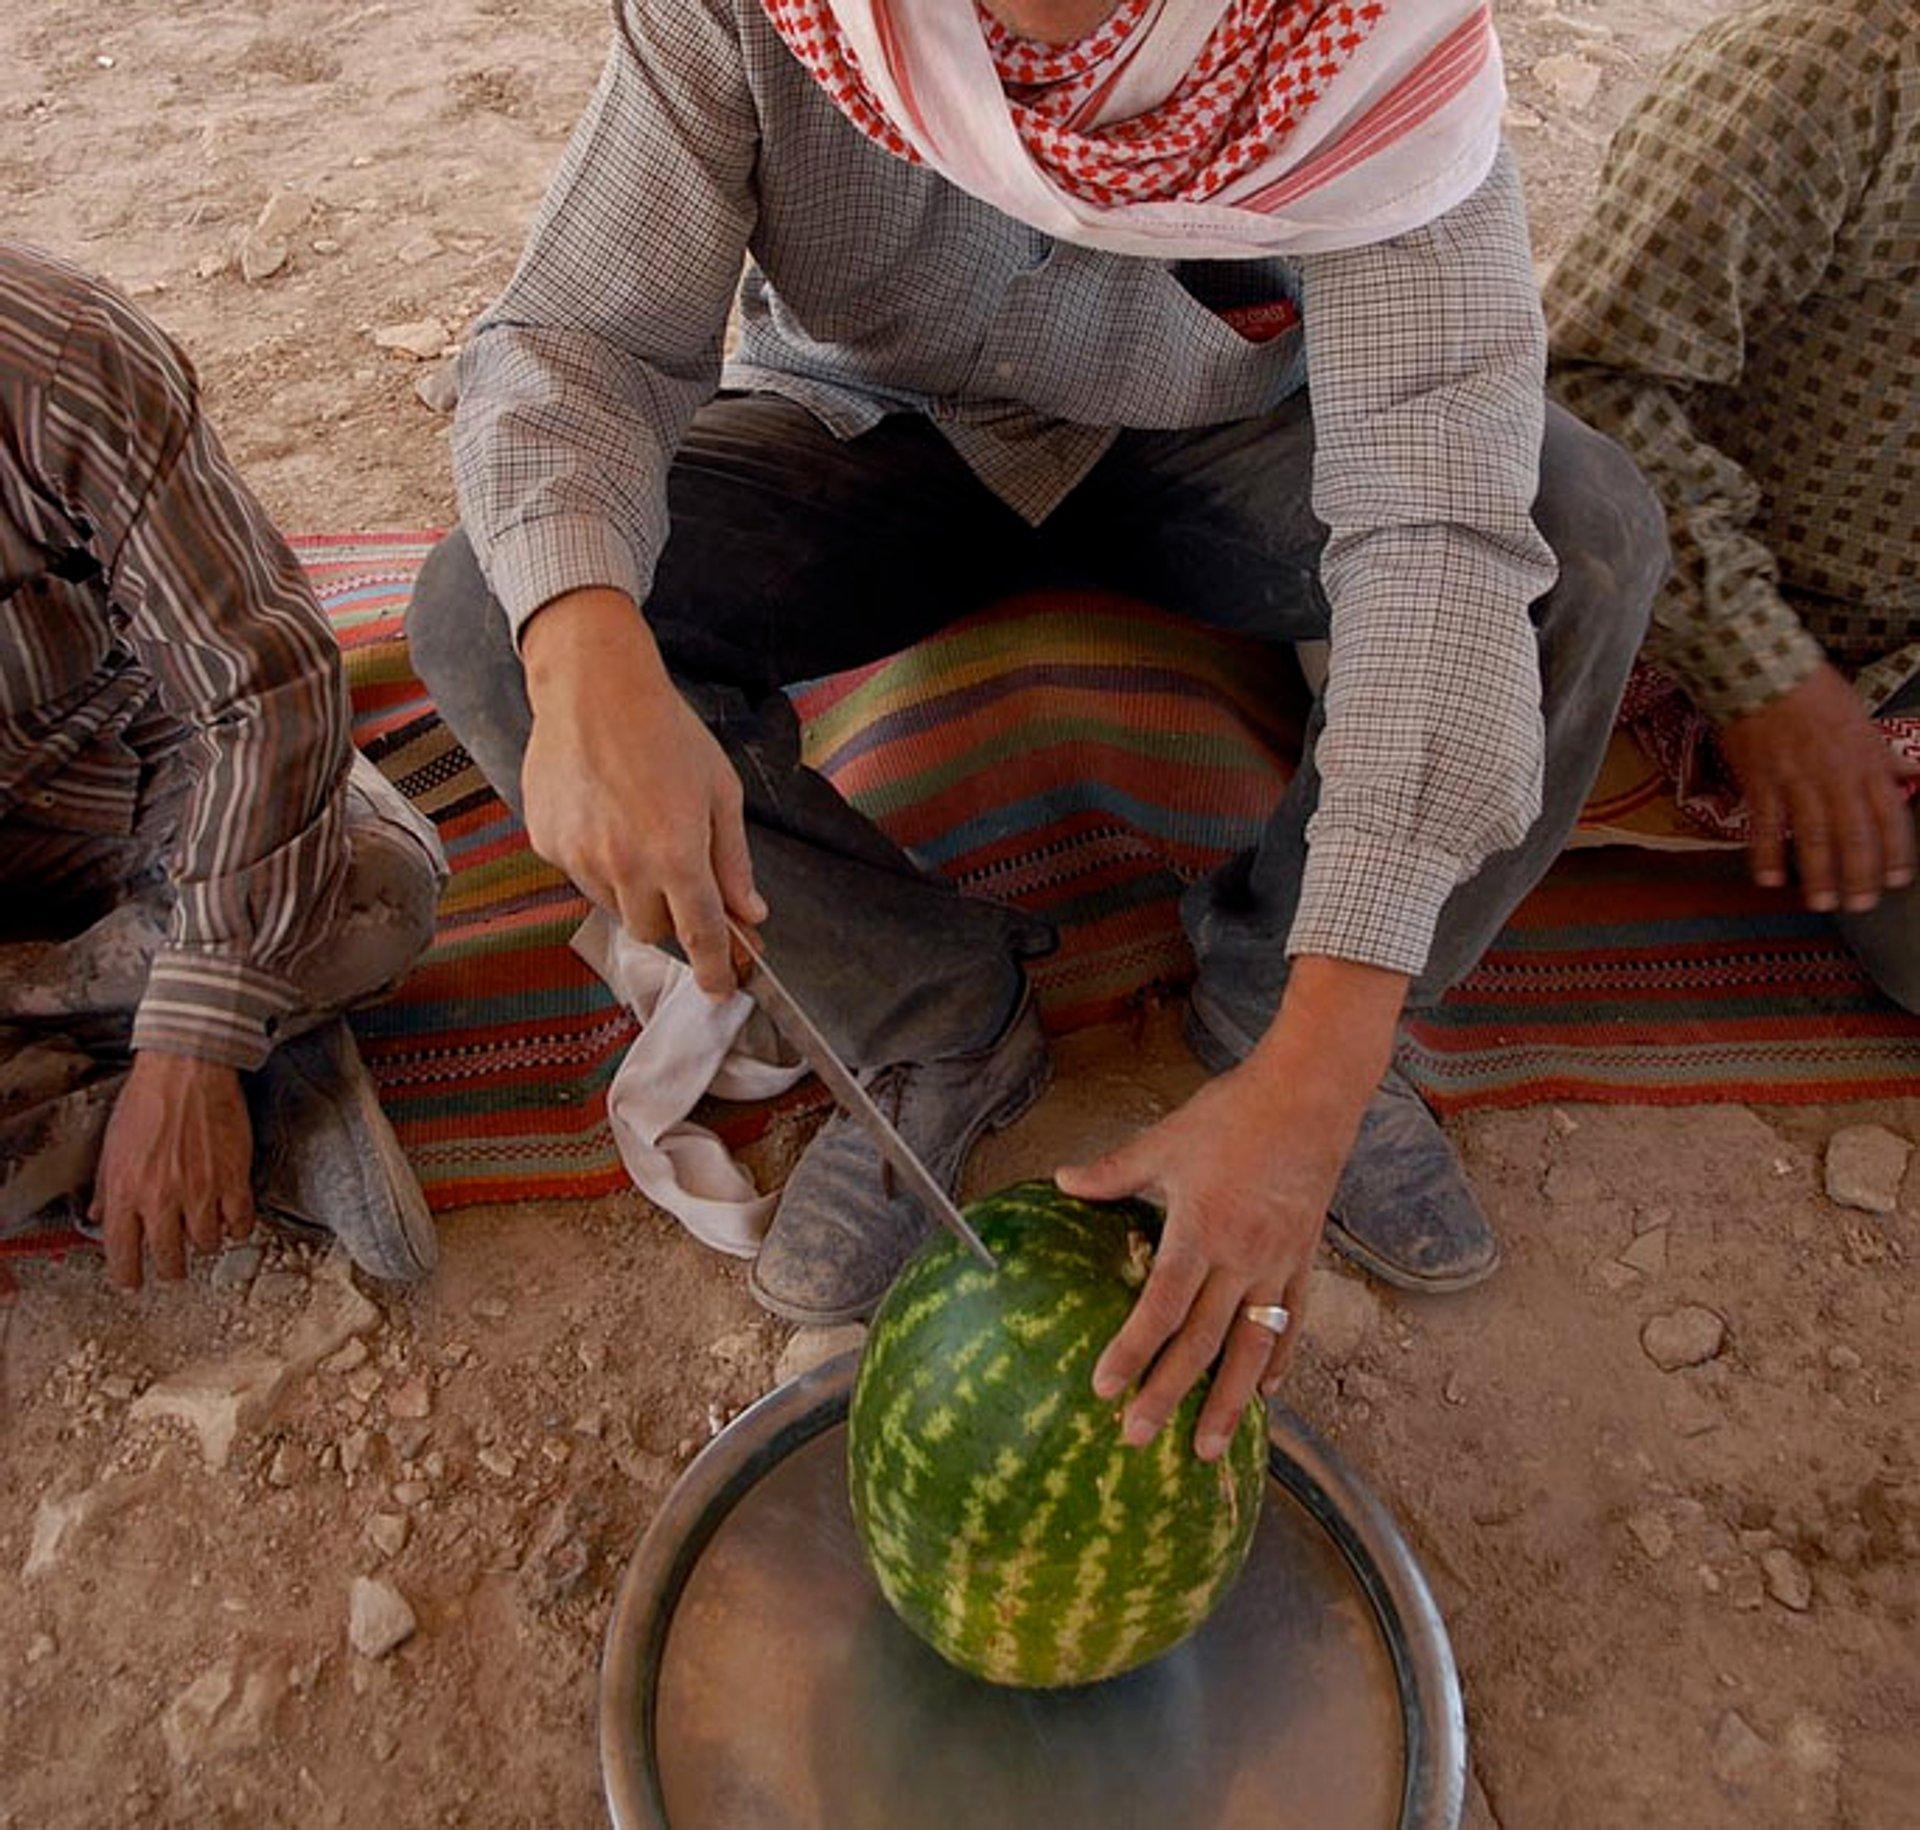 Watermelon in Jordan - Best Season